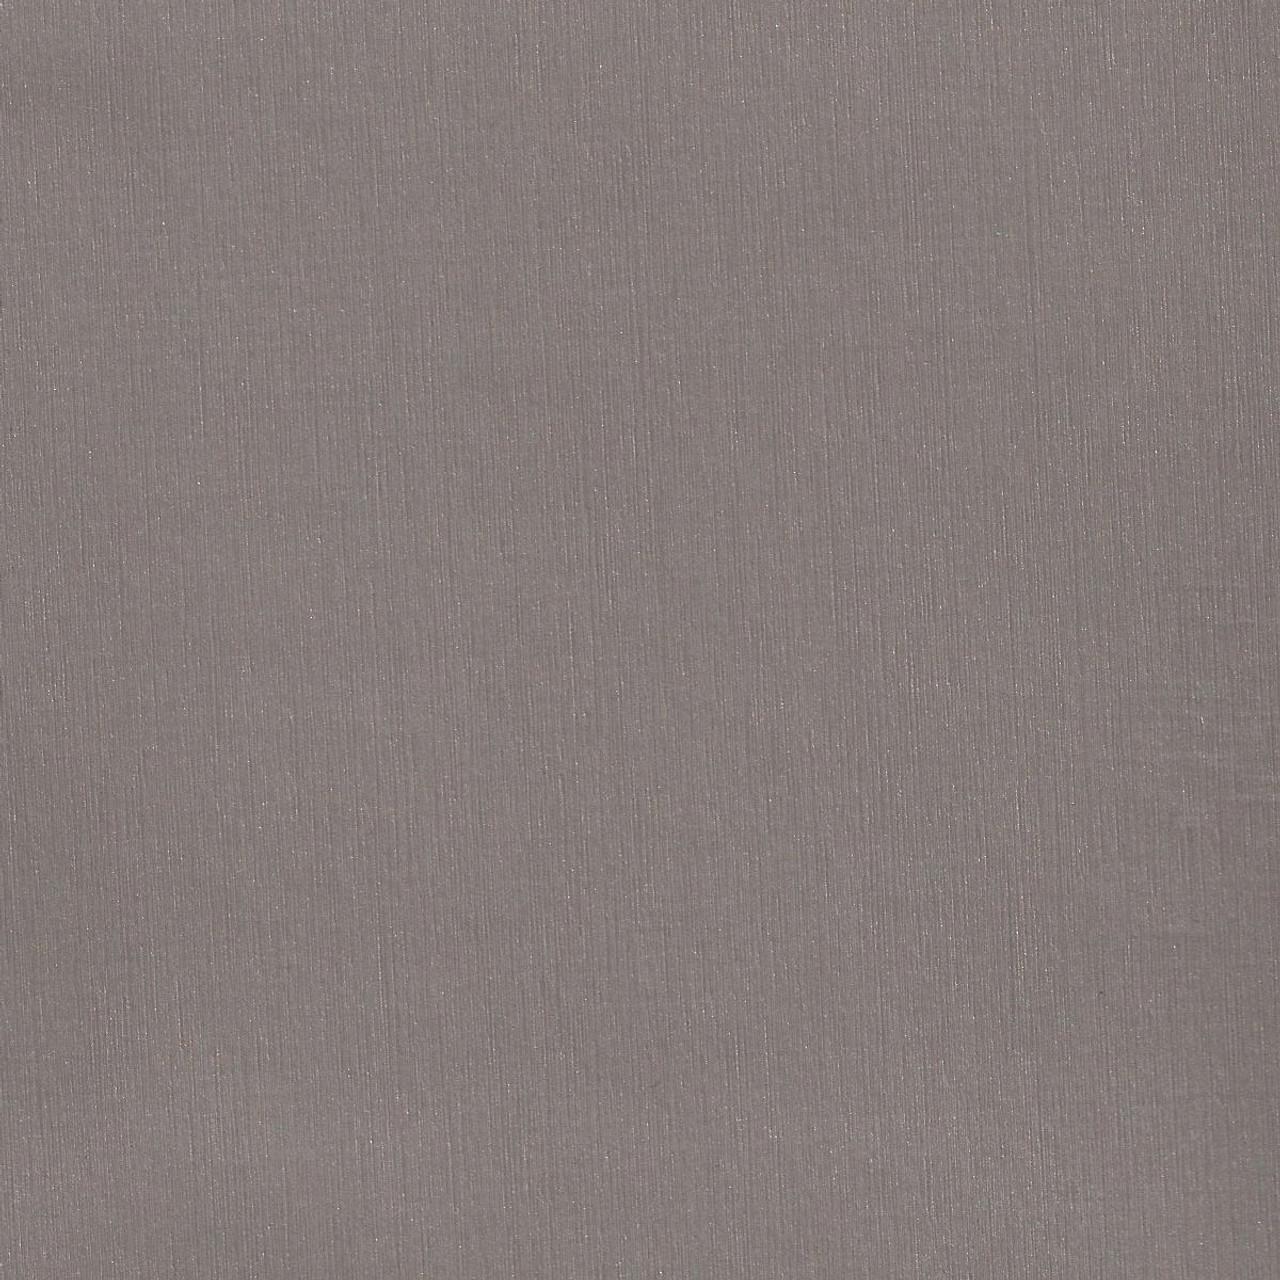 Reflex Marine Quality RMQ-7852 Mineral